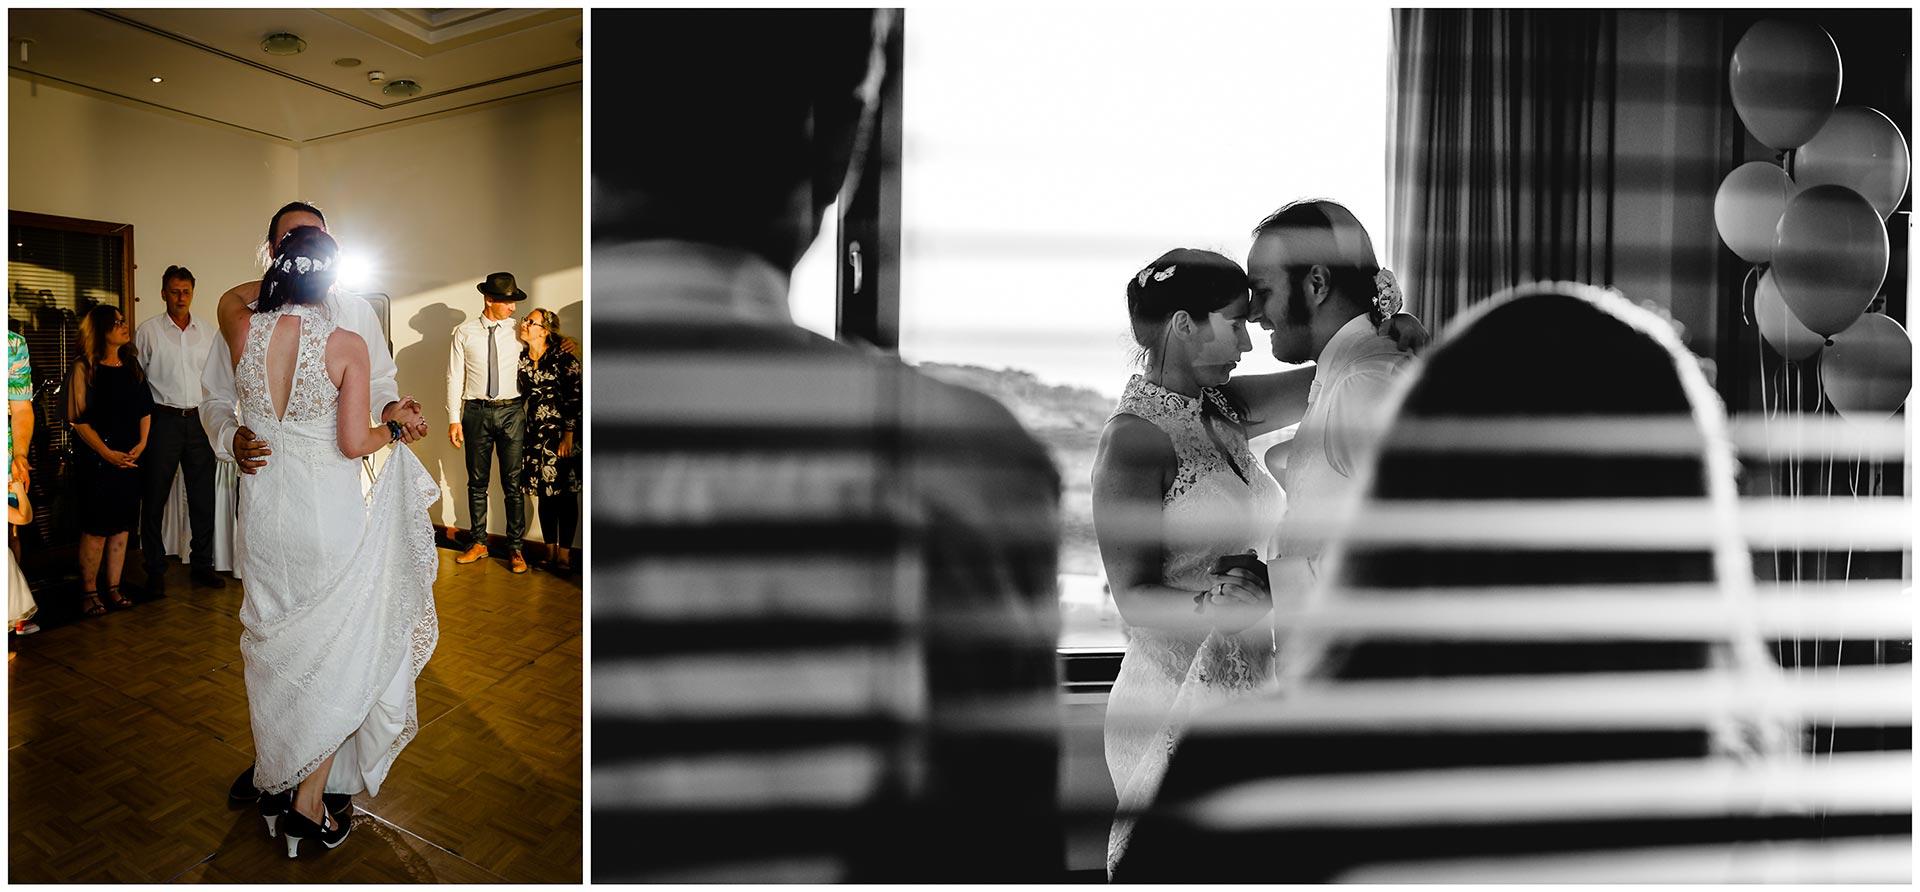 Brautpaar eng tanzend_Hochzeitstanz-Hochzeitsfotograf-Warnemuende-Hochzeitsfotograf-Rostock-Hochzeitsfotograf-Ostseebad-Warnemuende